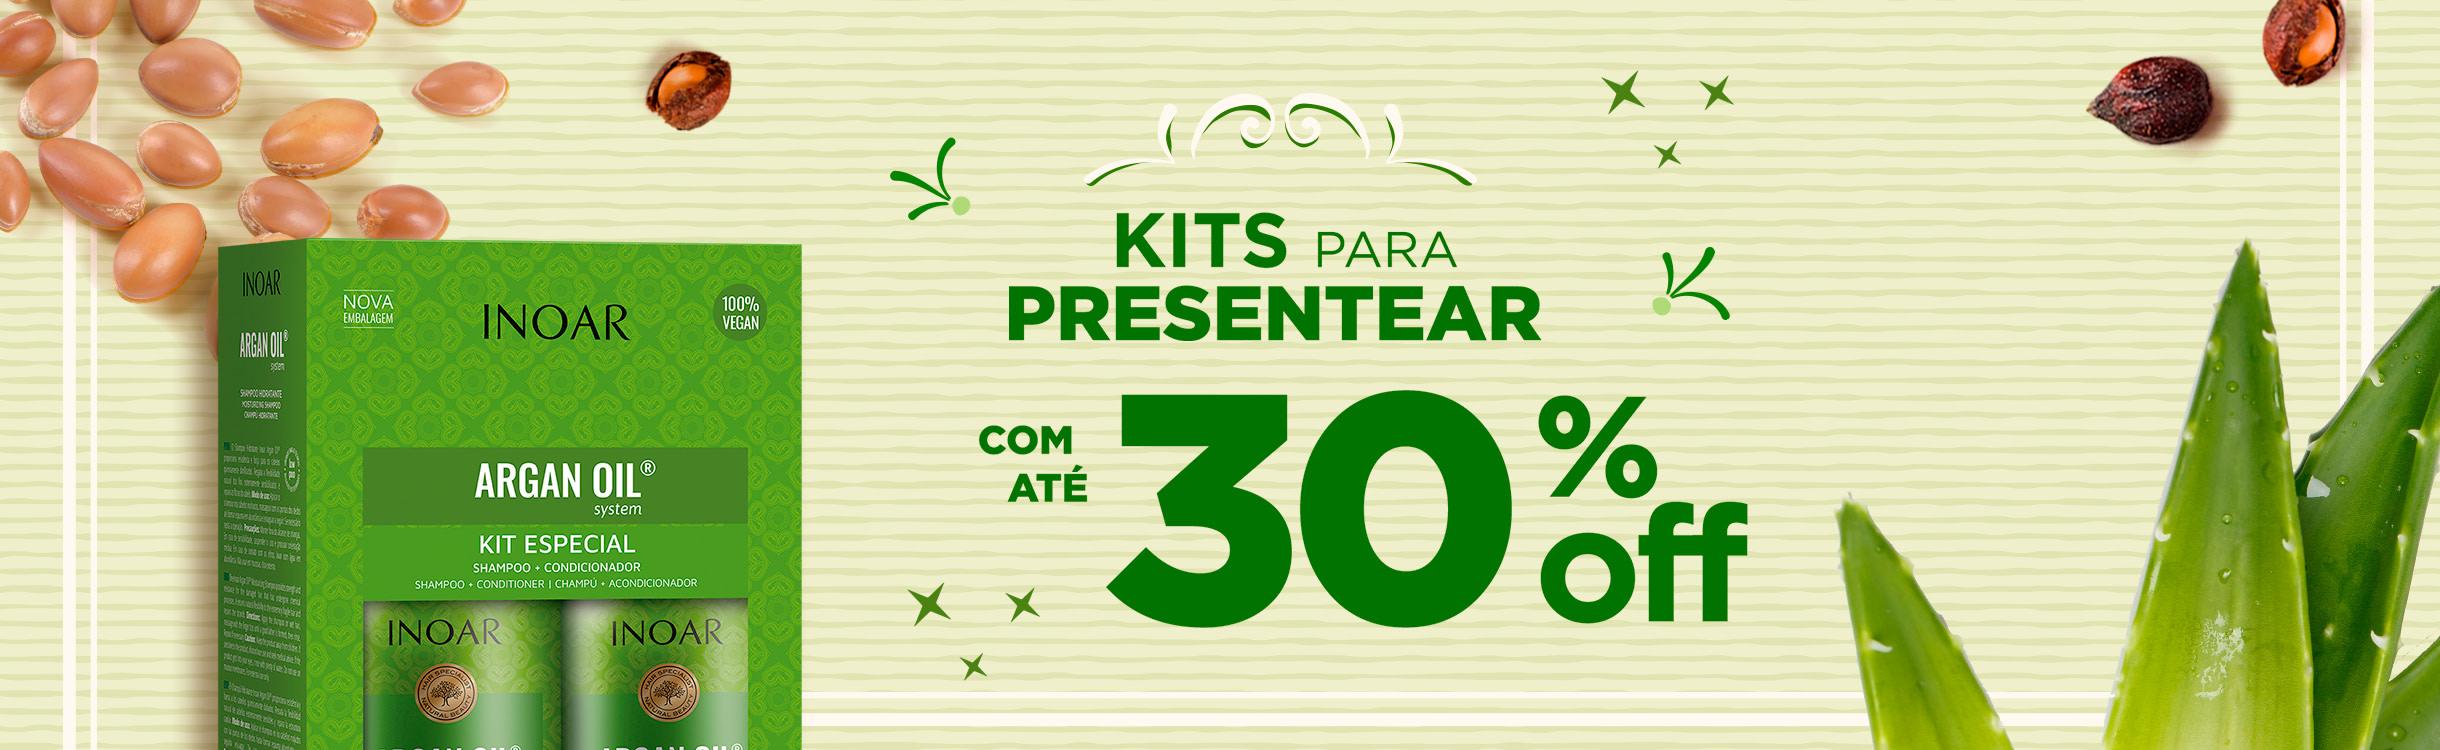 Kits para Presentear com até 30%OFF